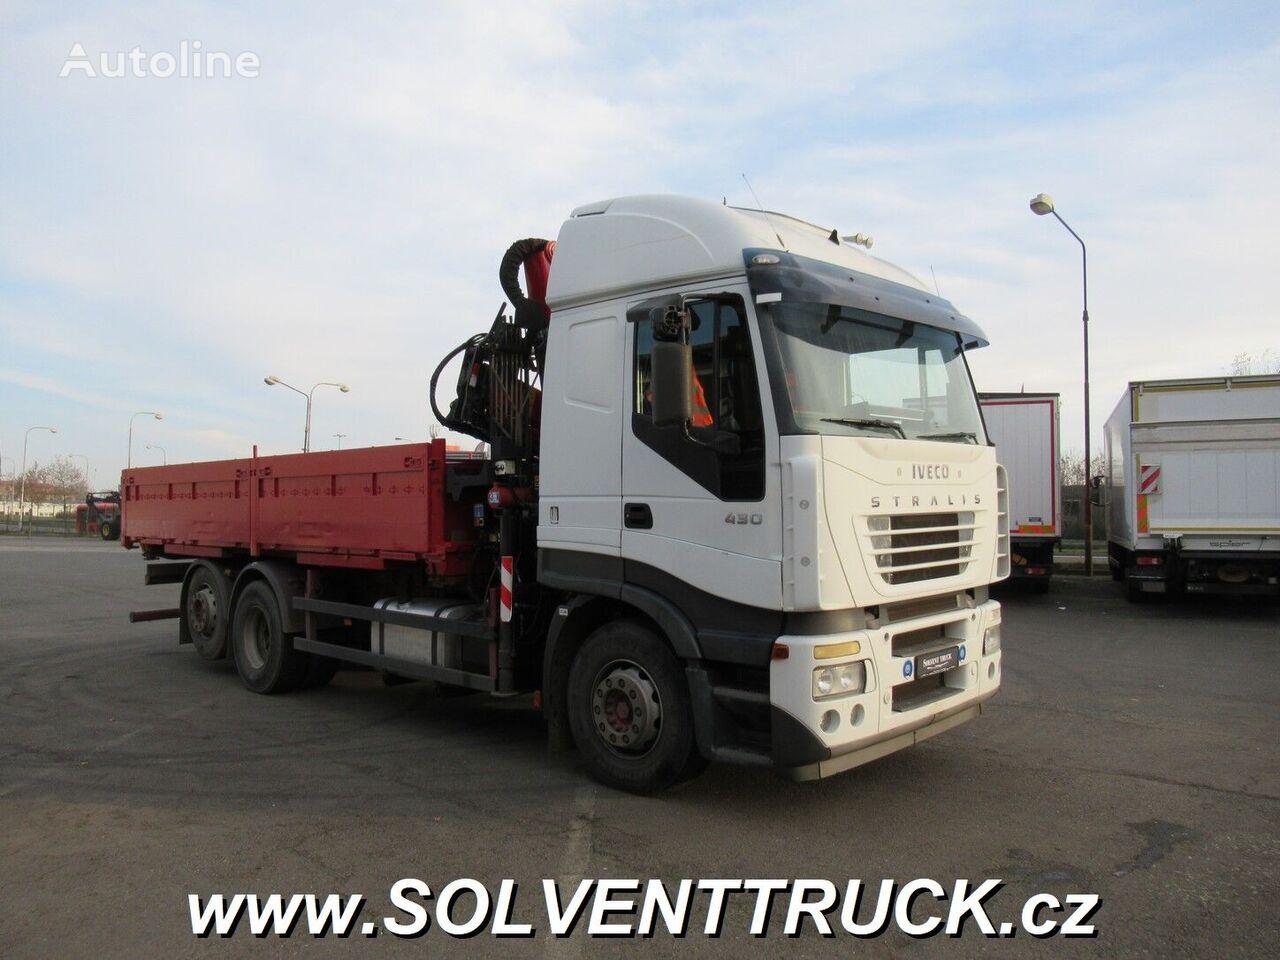 IVECO Stralis camión caja abierta